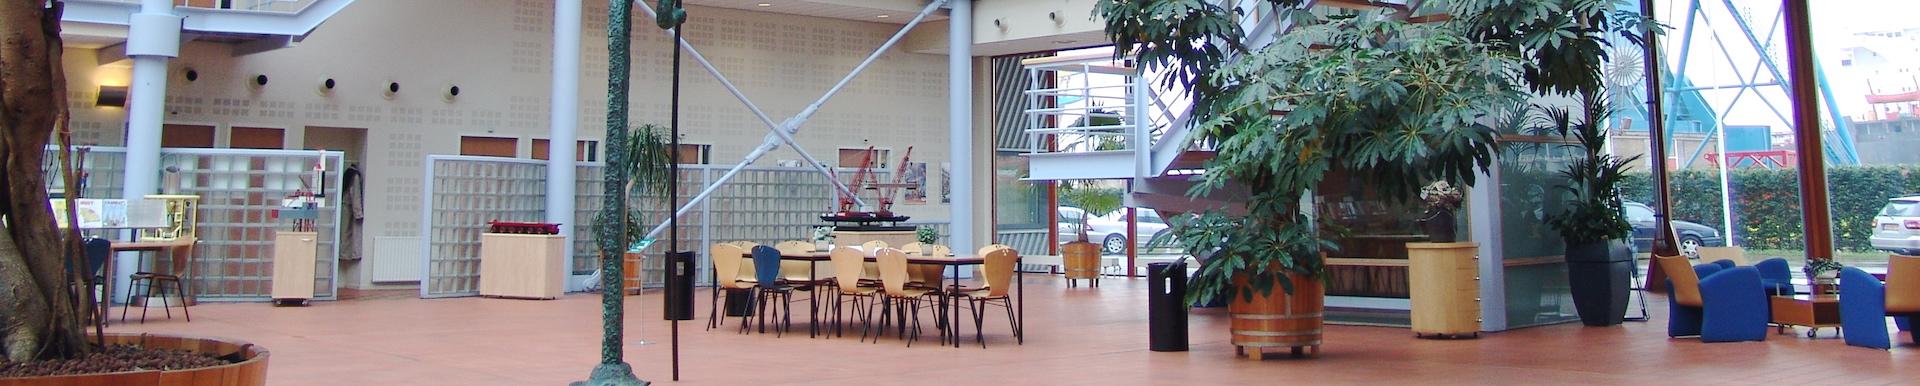 Groen en Facilities - Schoonkantoor.nl